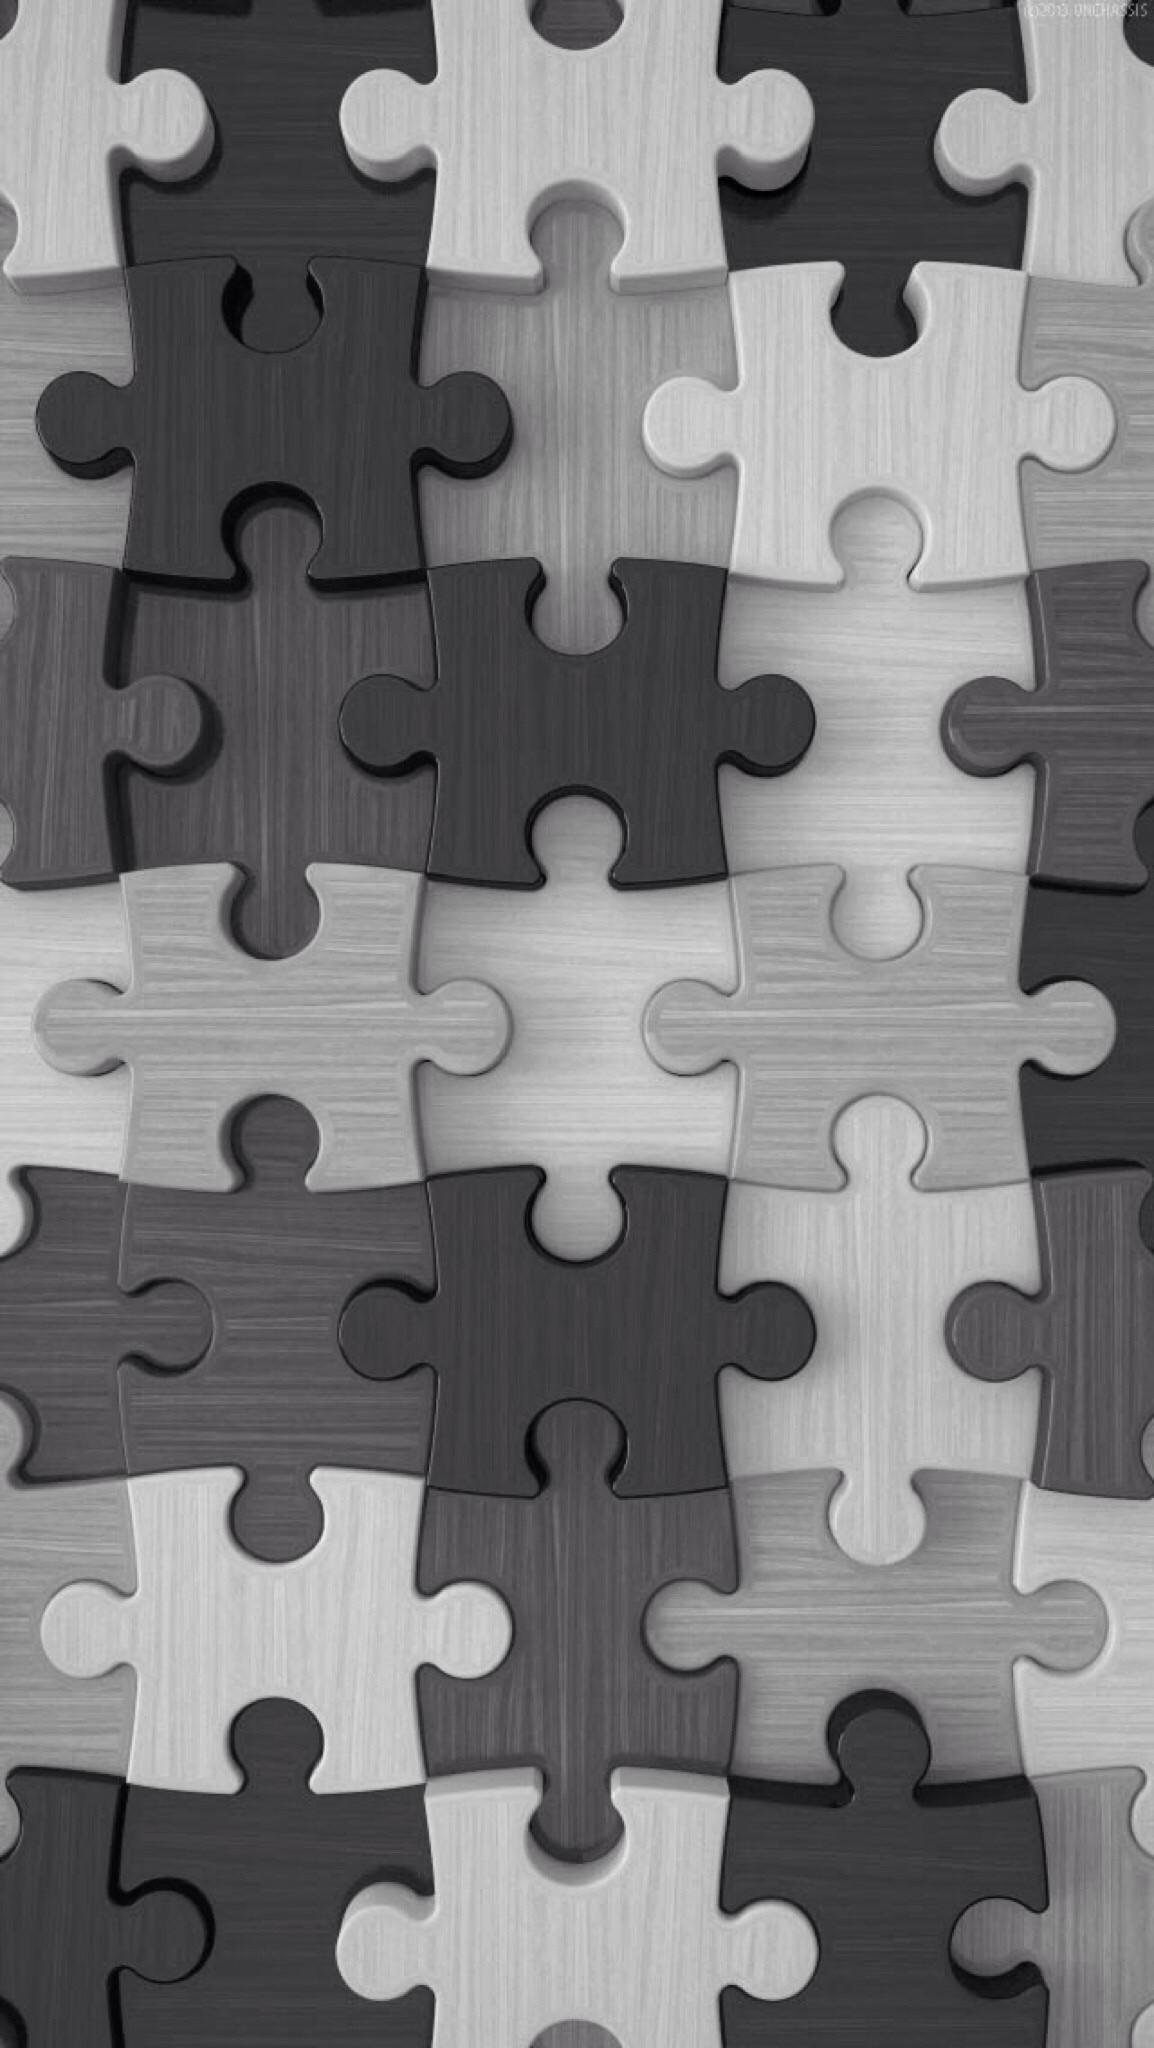 Grey Puzzle Pieces Wallpaper